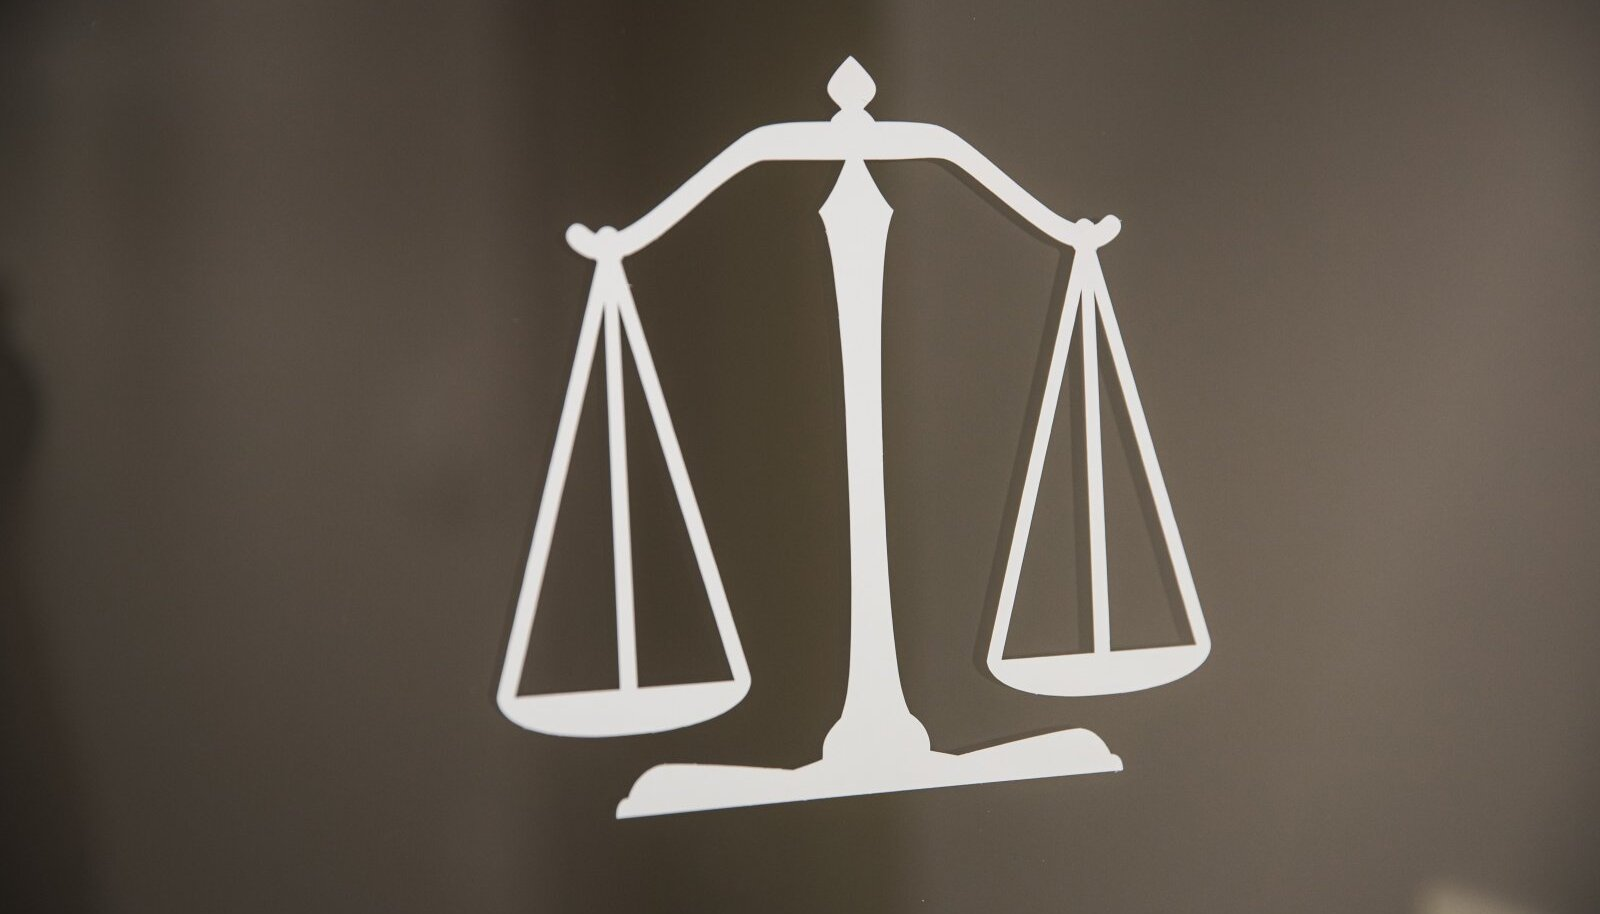 Tasuta õigusabi saajate sissetuleku määr võib langeda 500 euro võrra